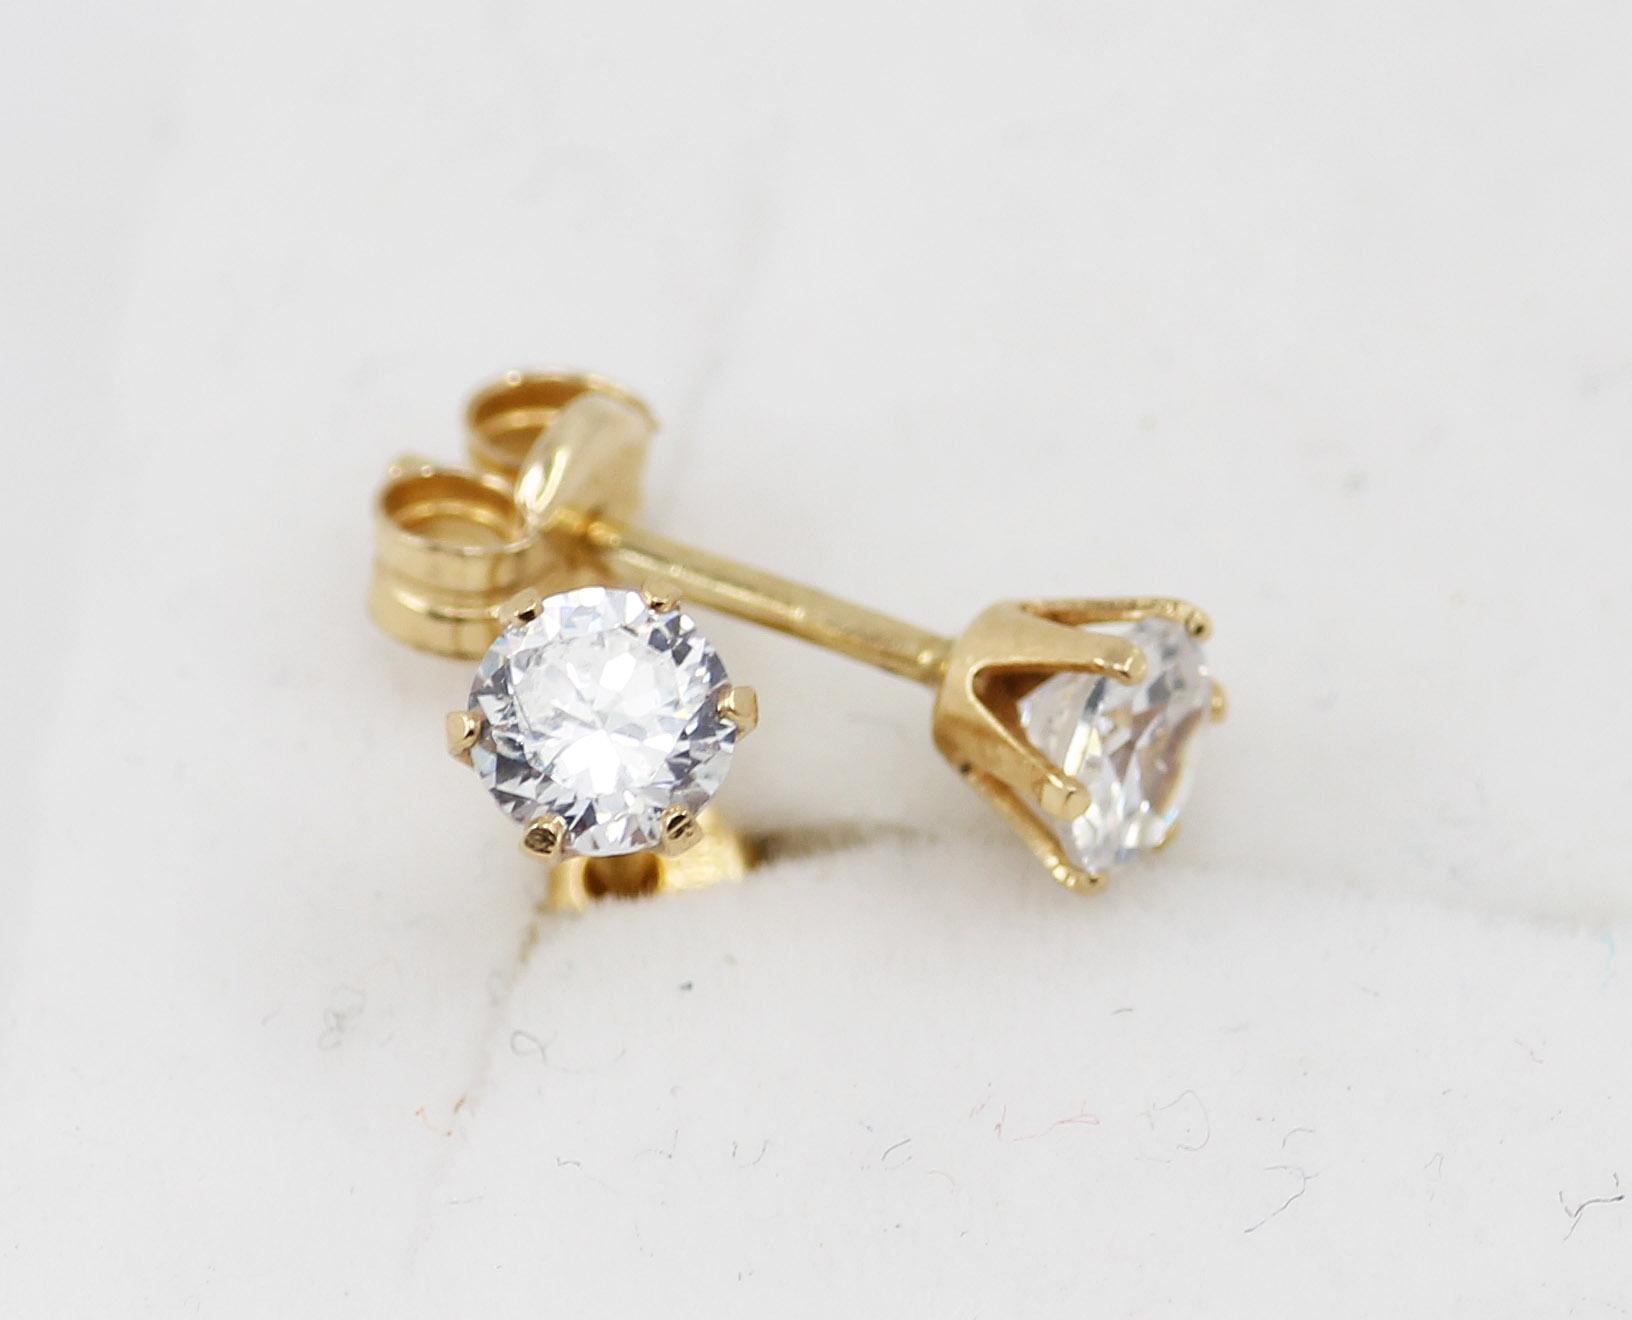 9c3474d86 Zlaté náušnice zirkony - 500 šperků online